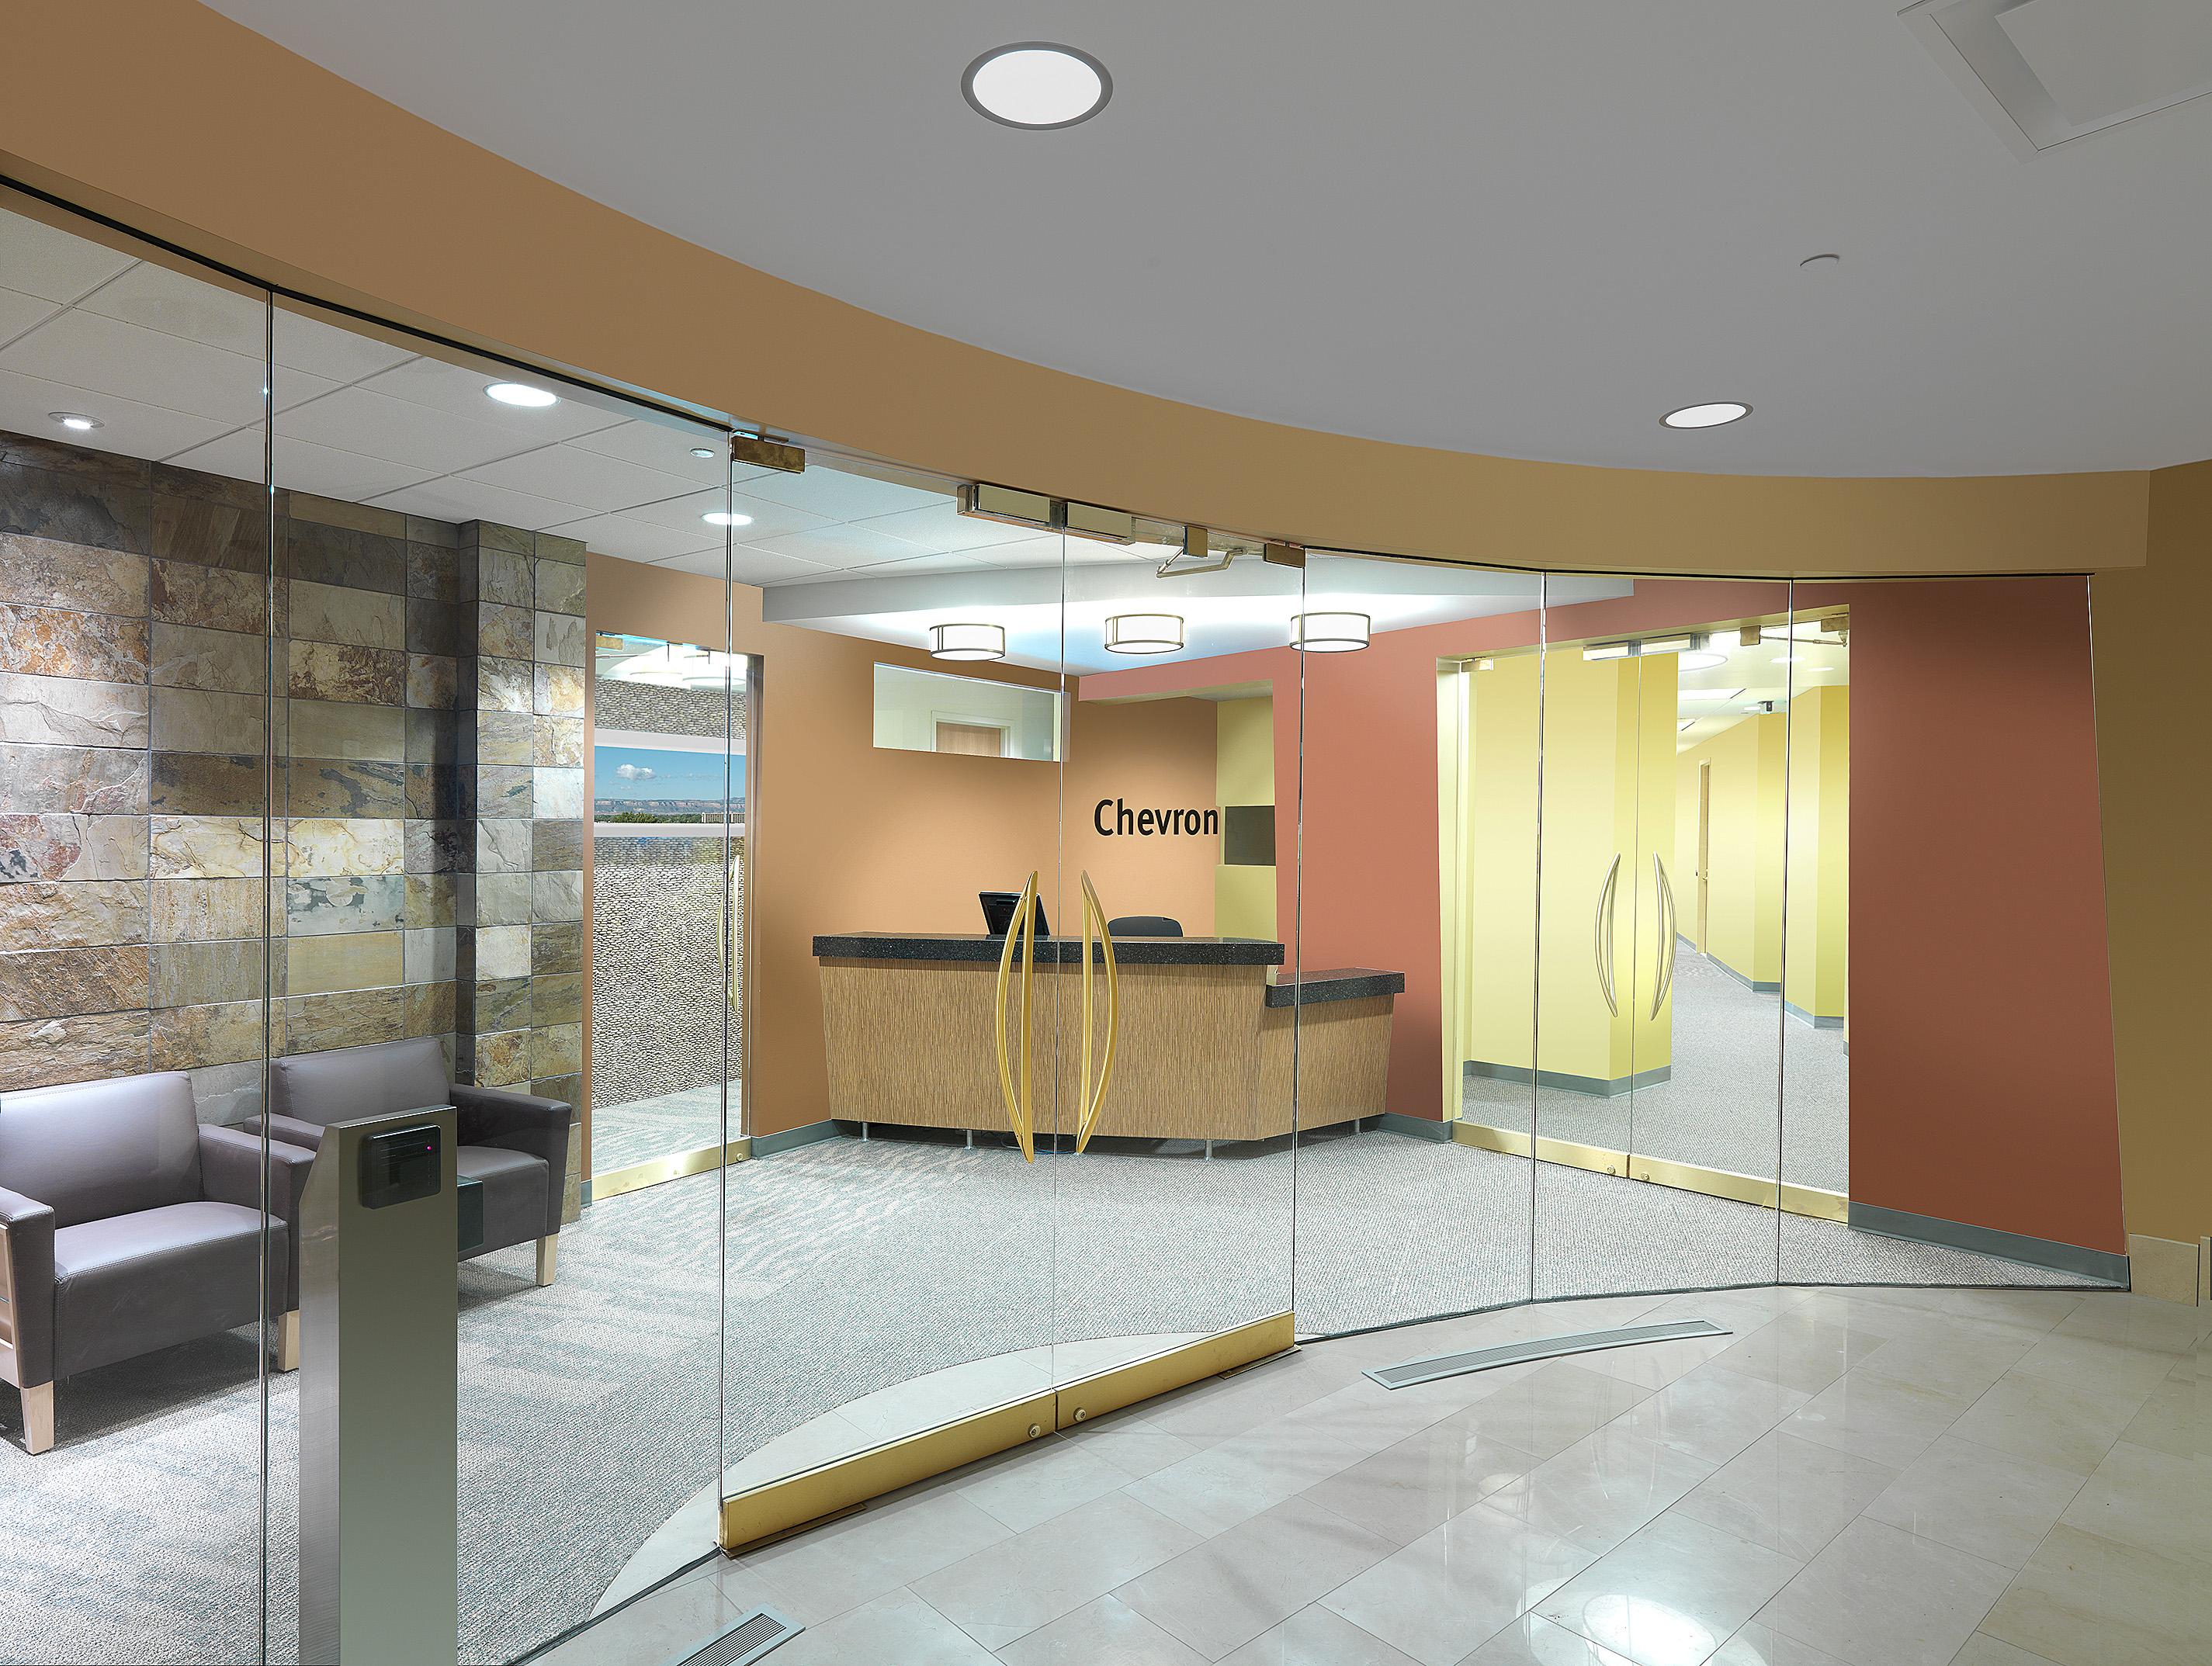 Chevron Reception